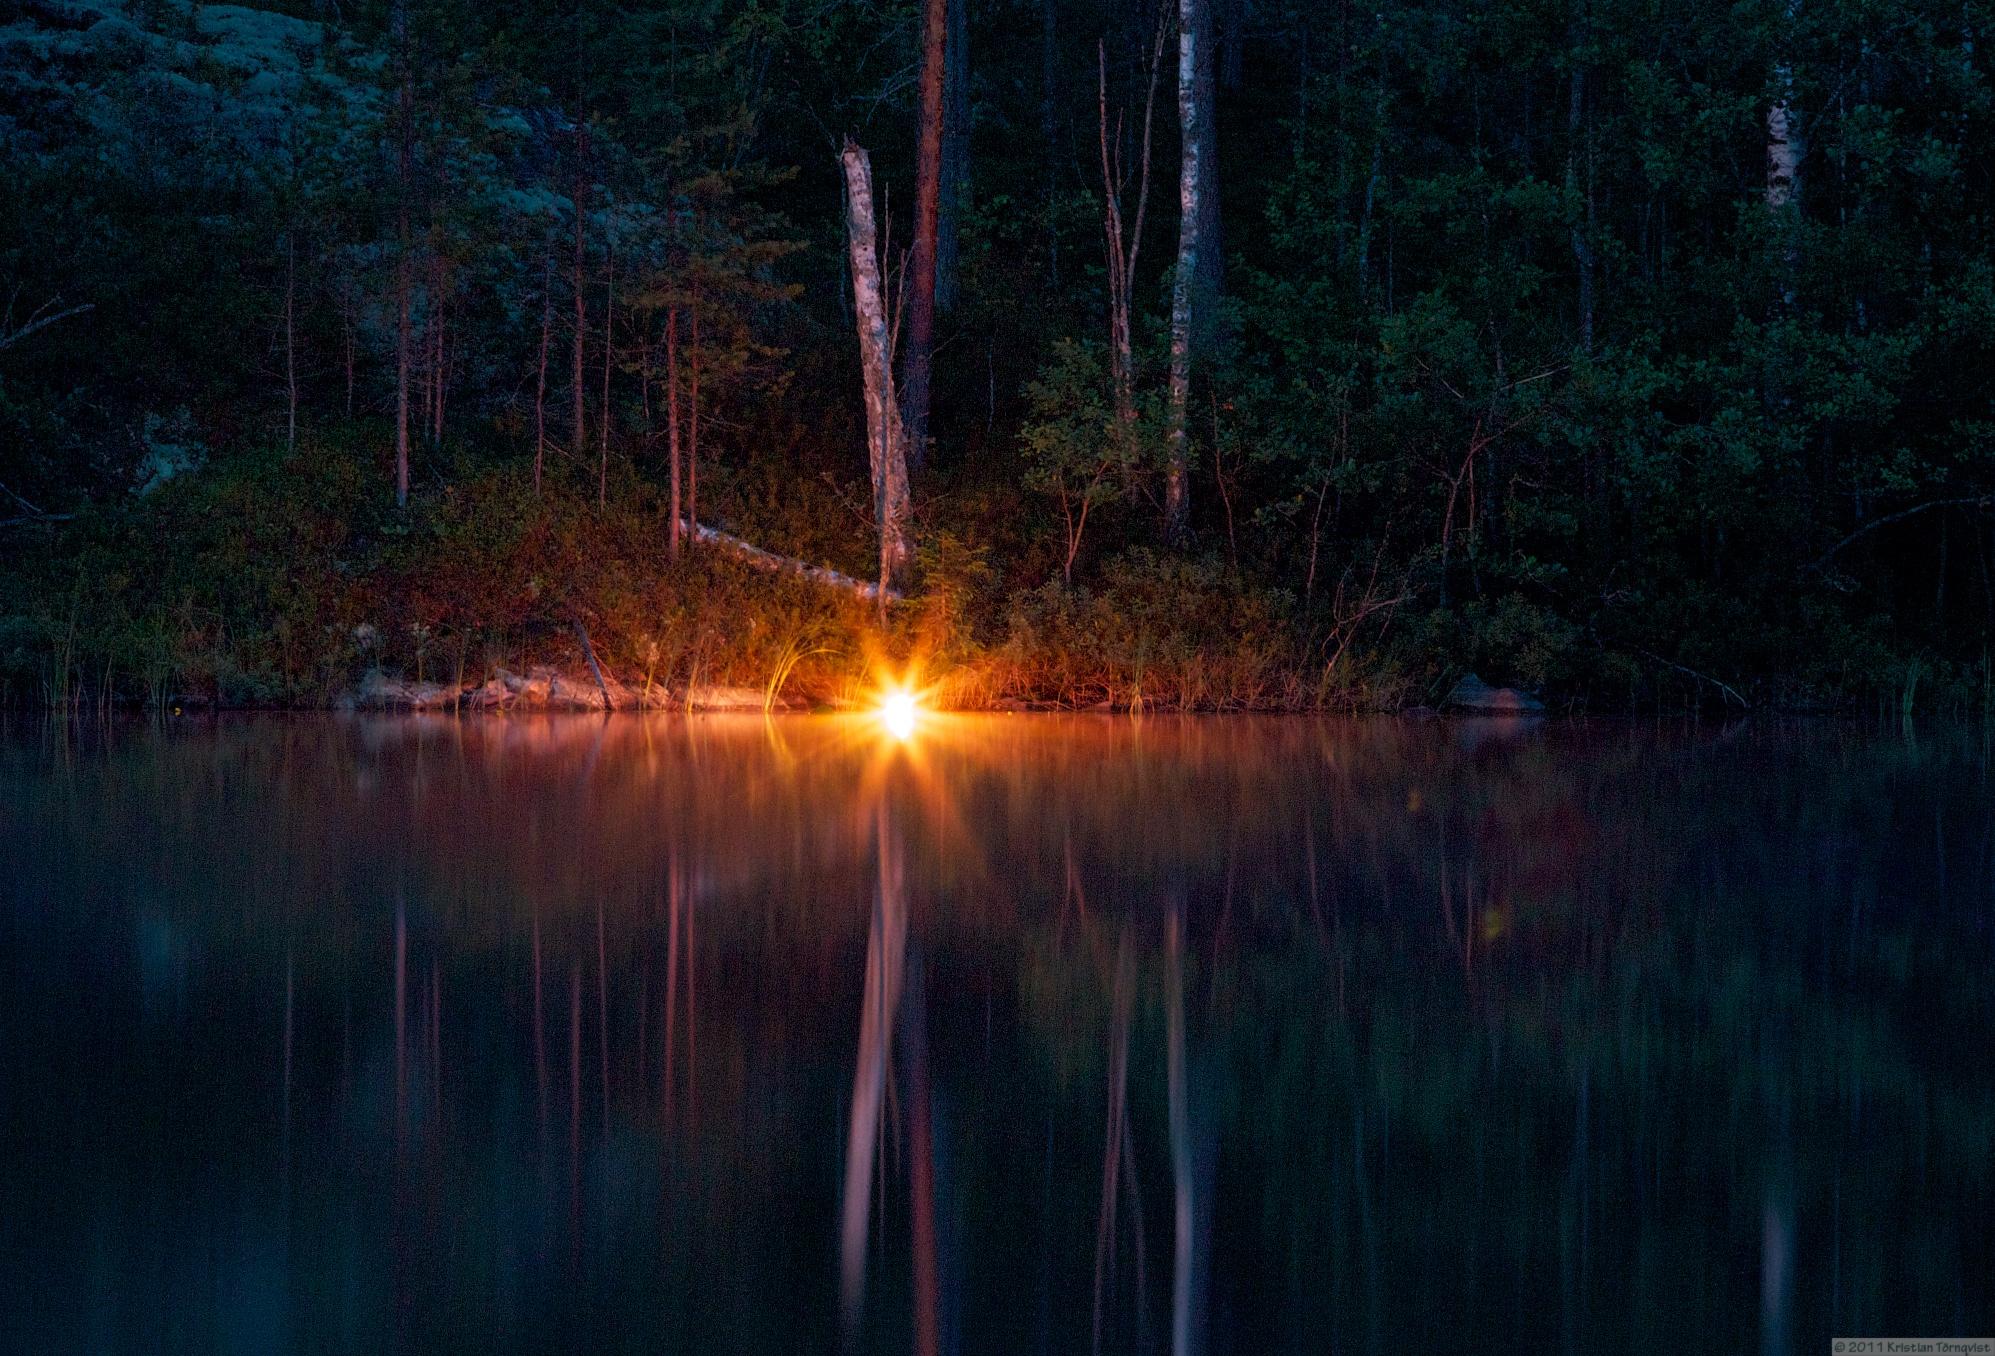 картинки лесное озеро ночью все лето